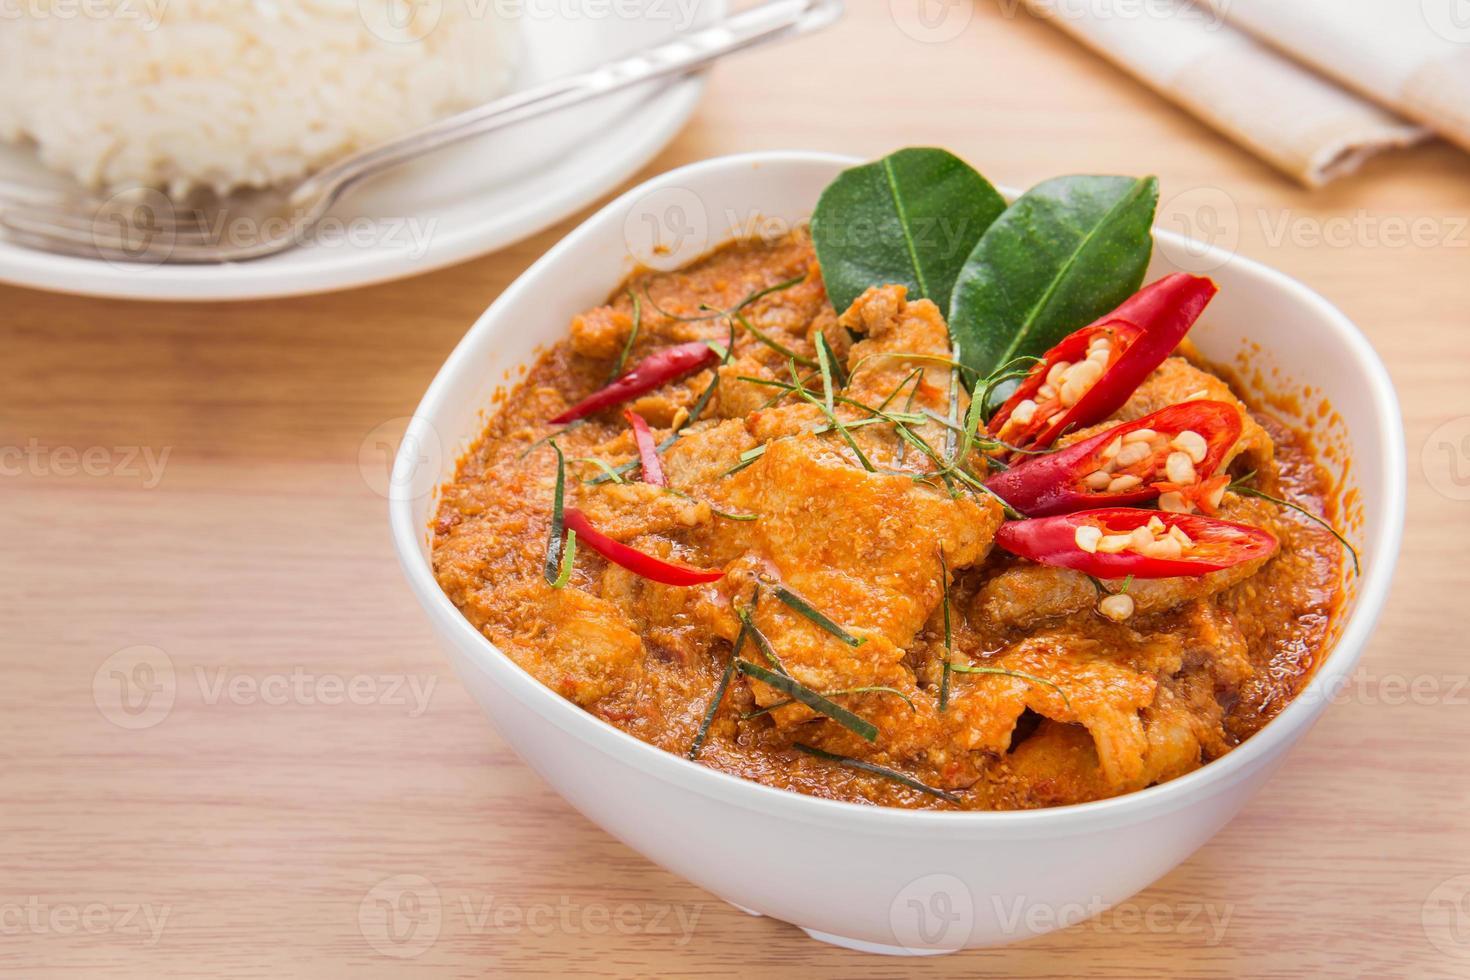 röd curry med fläsk och ris (panaeng), thailändsk mat foto